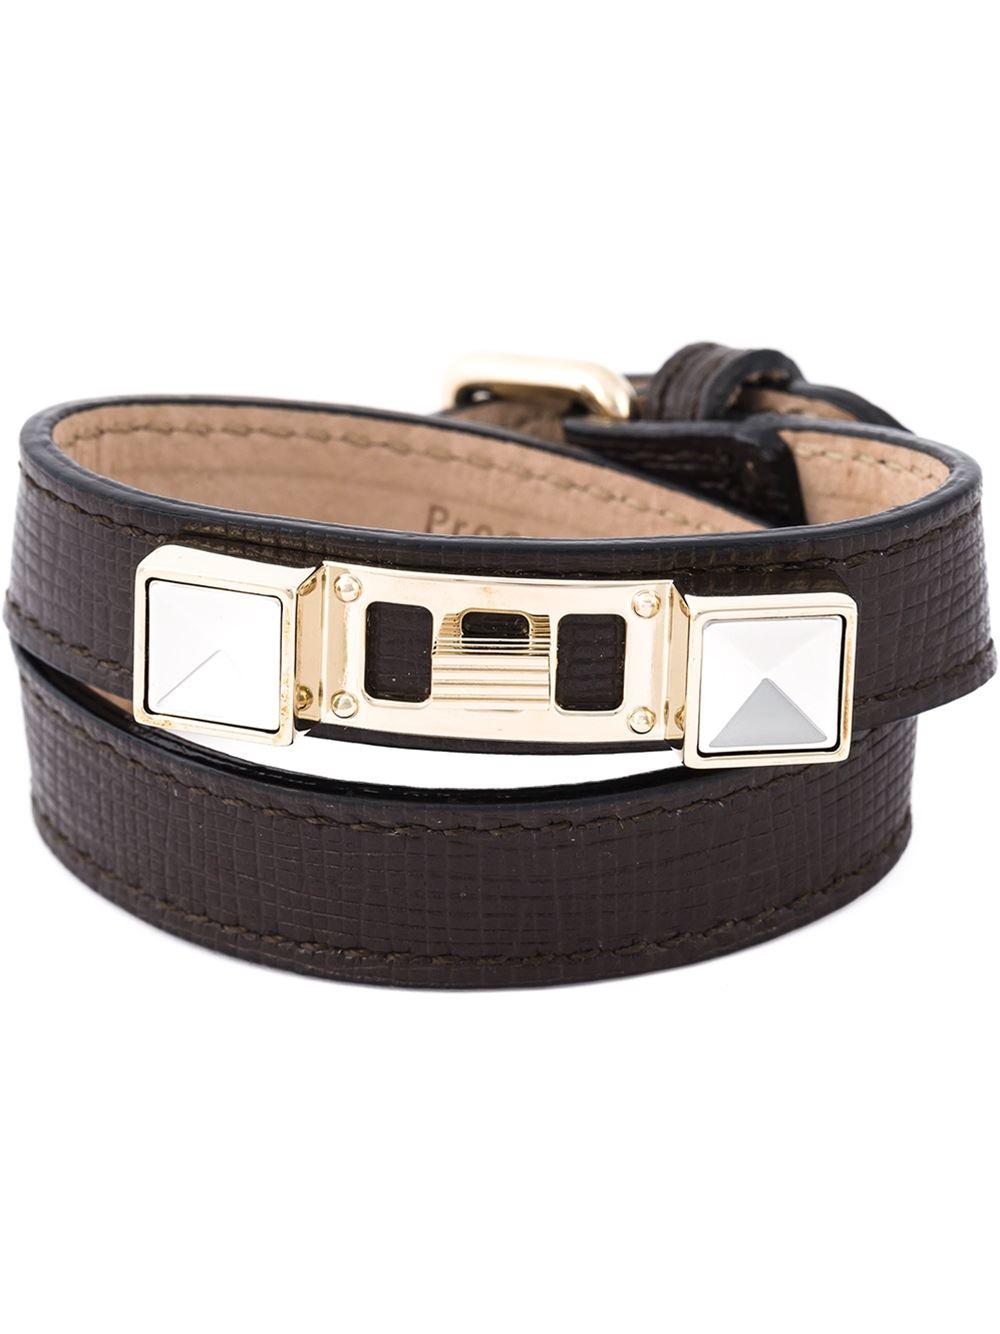 Lyst Proenza Schouler Ps11 Bracelet In Brown